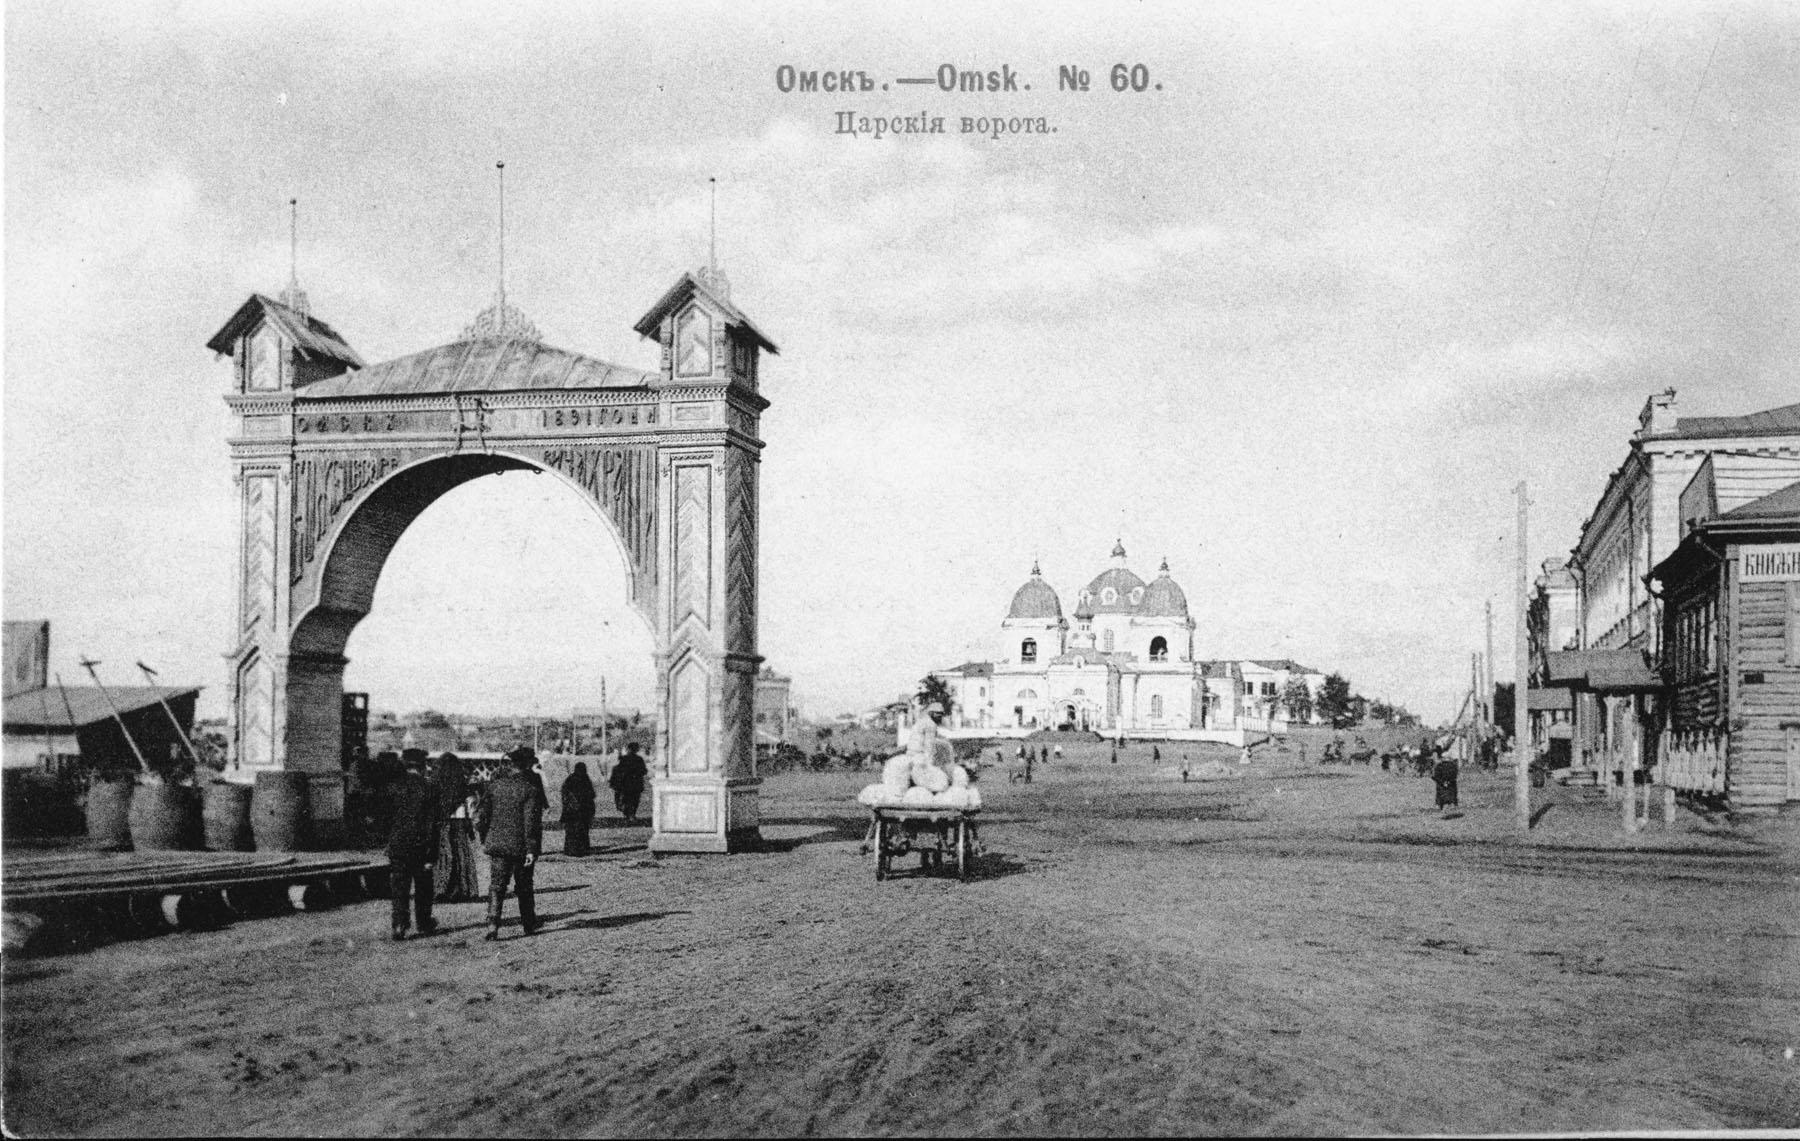 старый омск фото с описанием автомобили белом